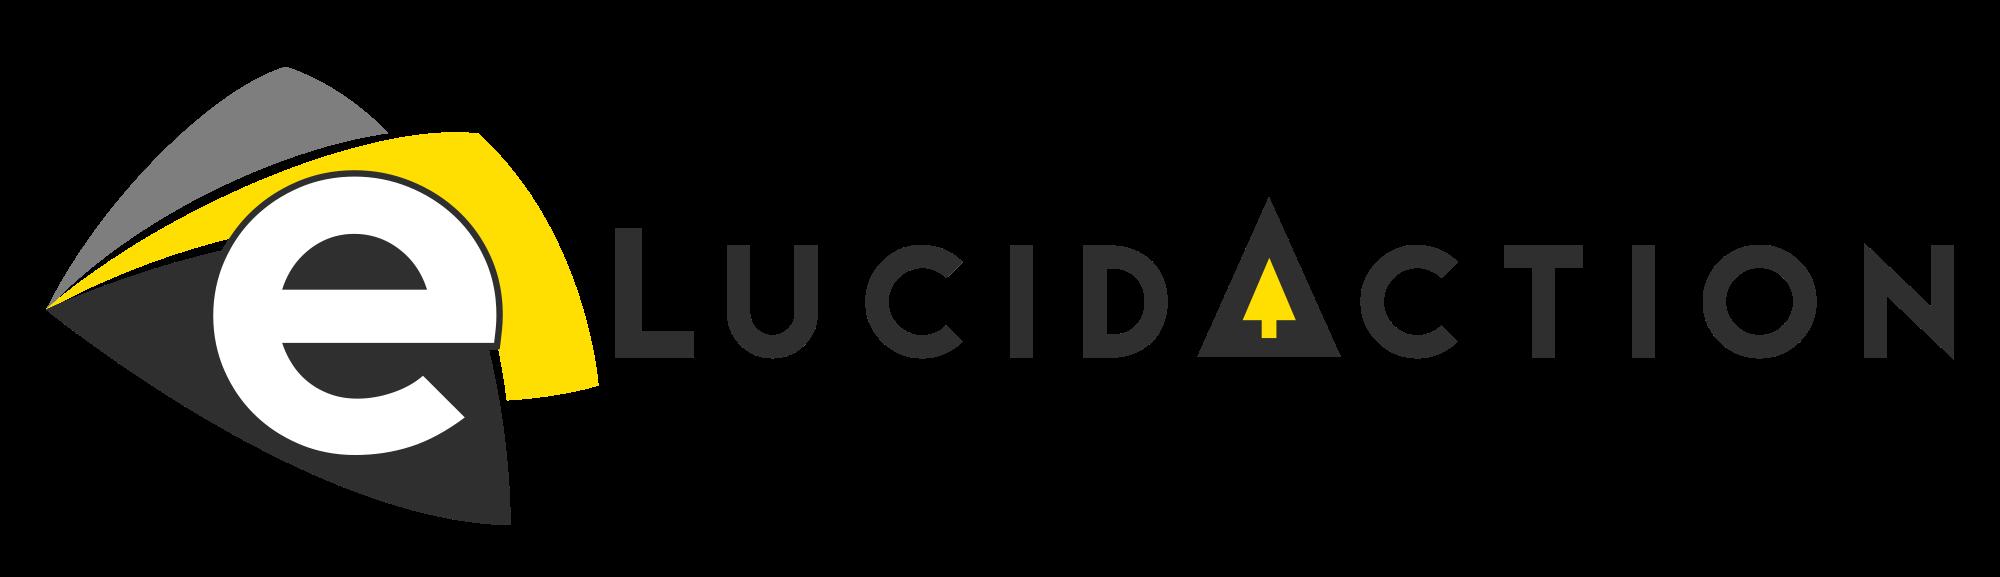 eLucidAction